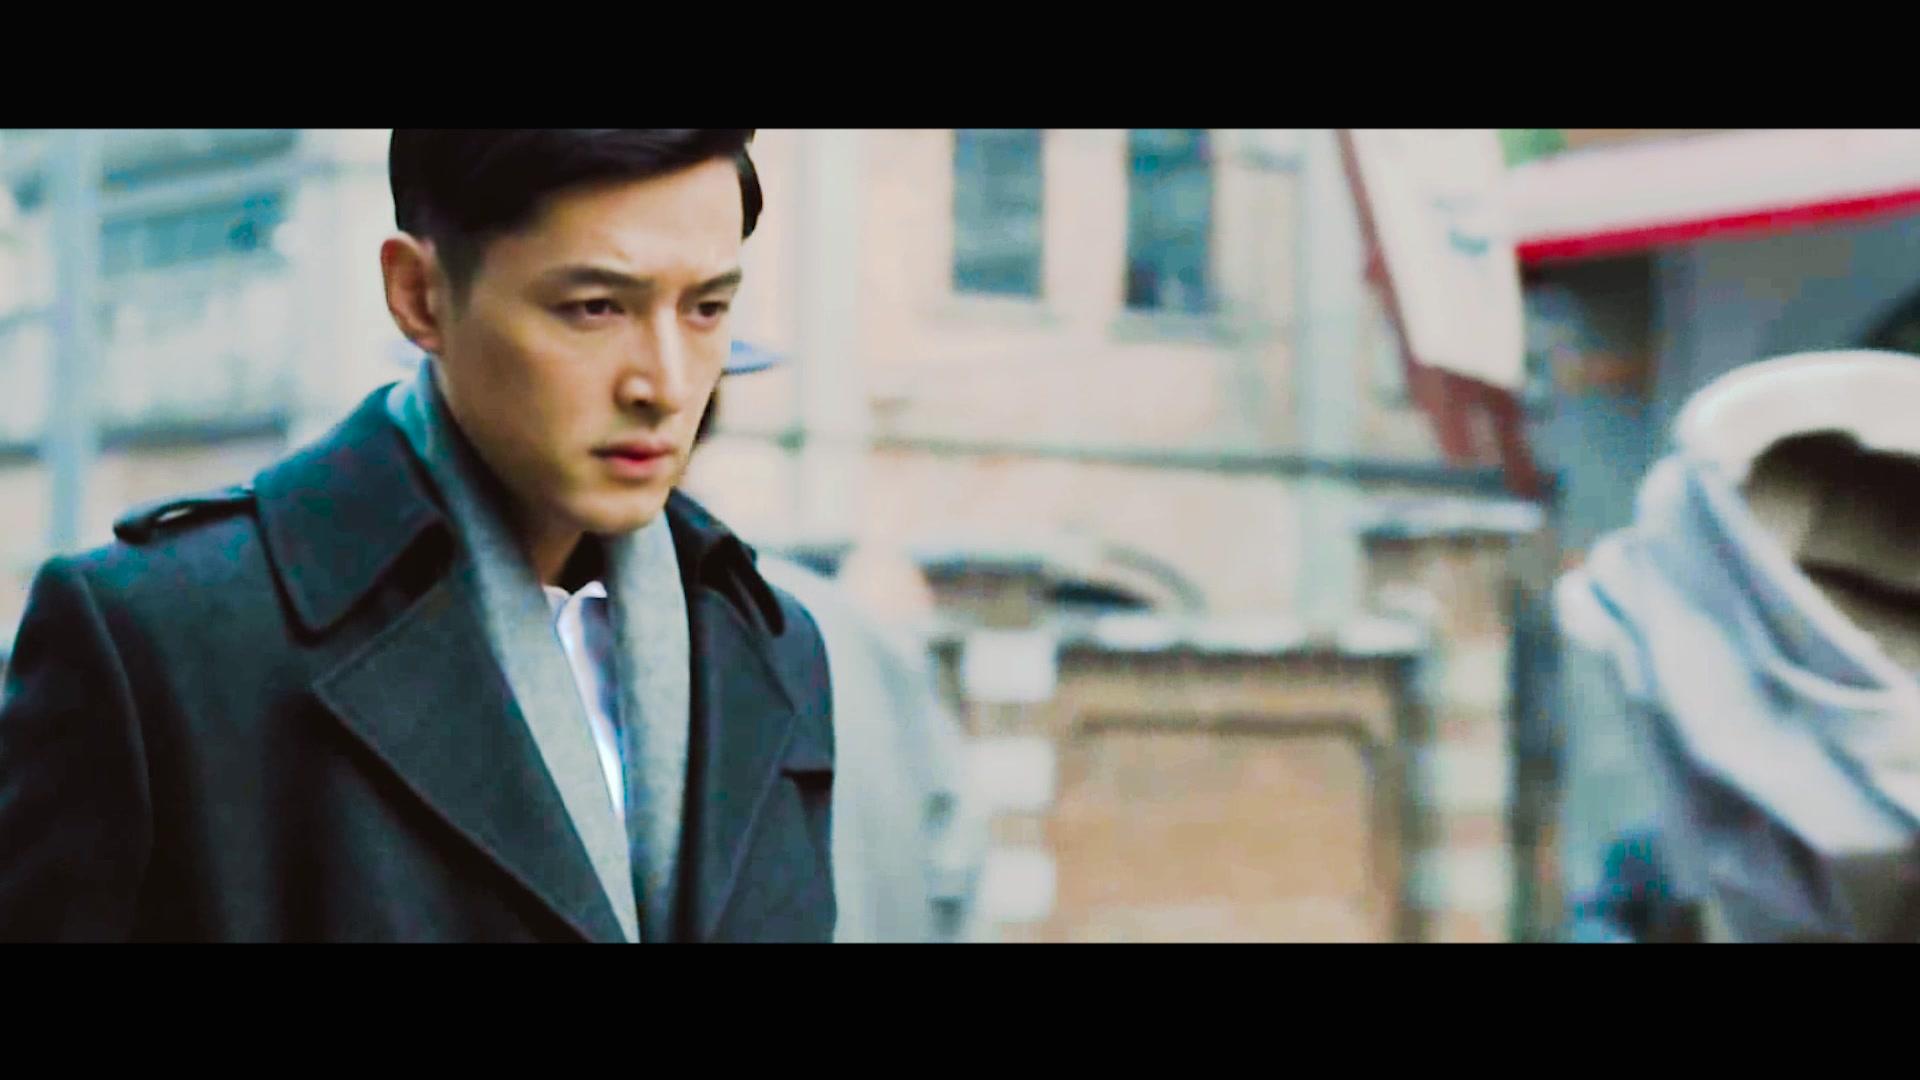 【暗香|爱而不得|歌诗版】胡歌x刘诗诗 | 明台x宋红菱图片